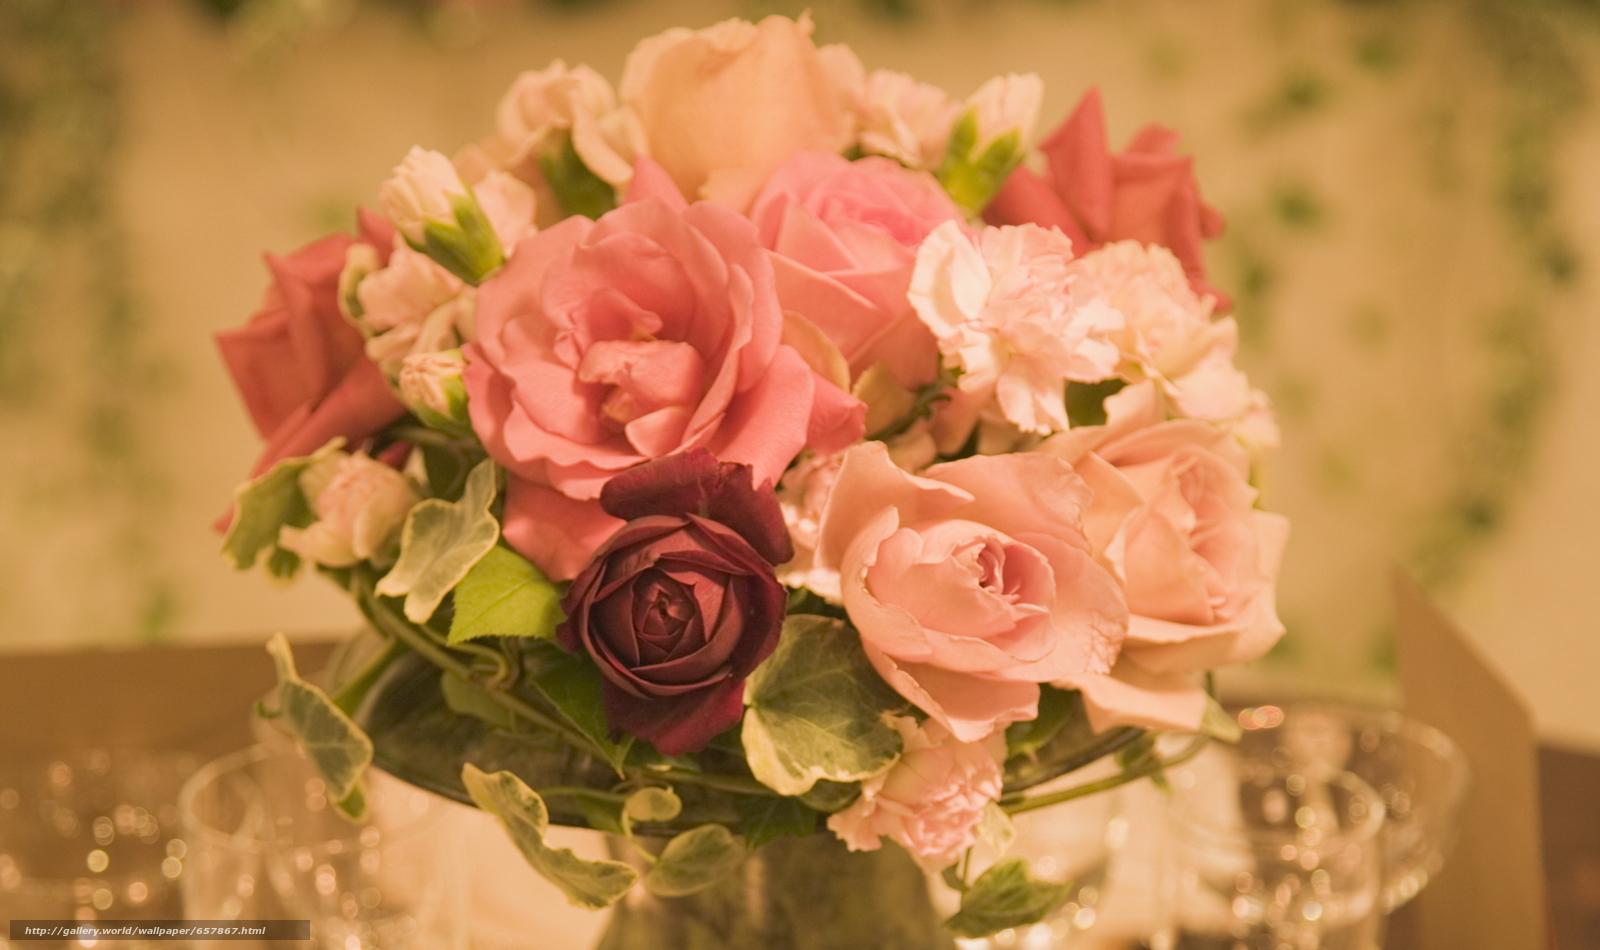 Скачать обои цветы,  цветок,  роза,  розы бесплатно для рабочего стола в разрешении 2088x1240 — картинка №657867